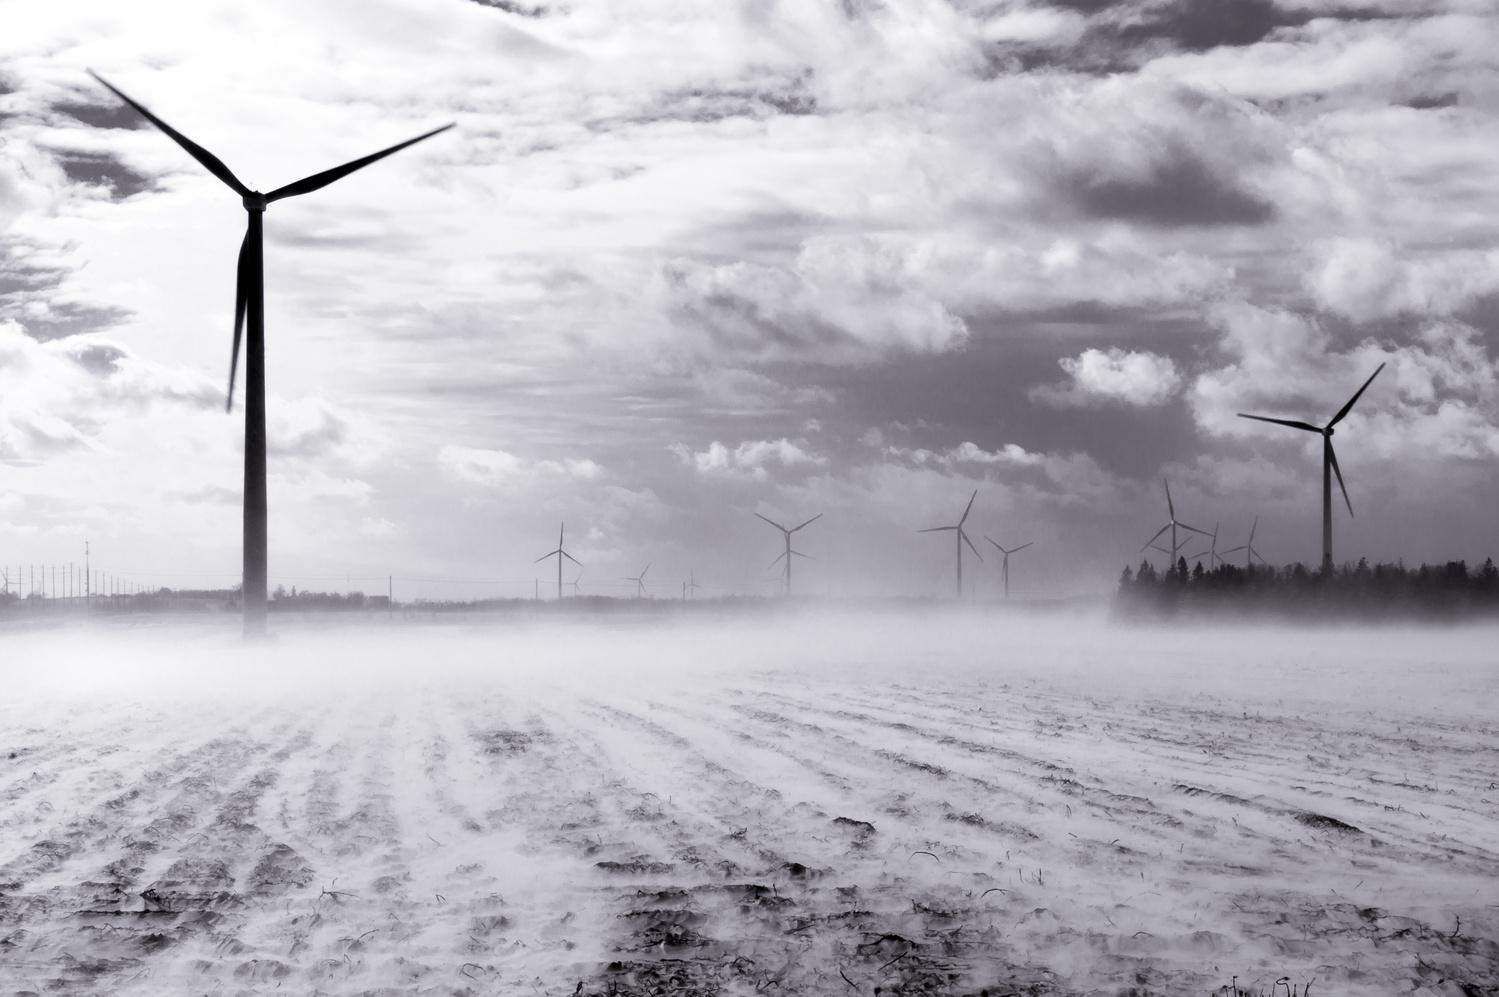 Snowy turbines by Jason Orr